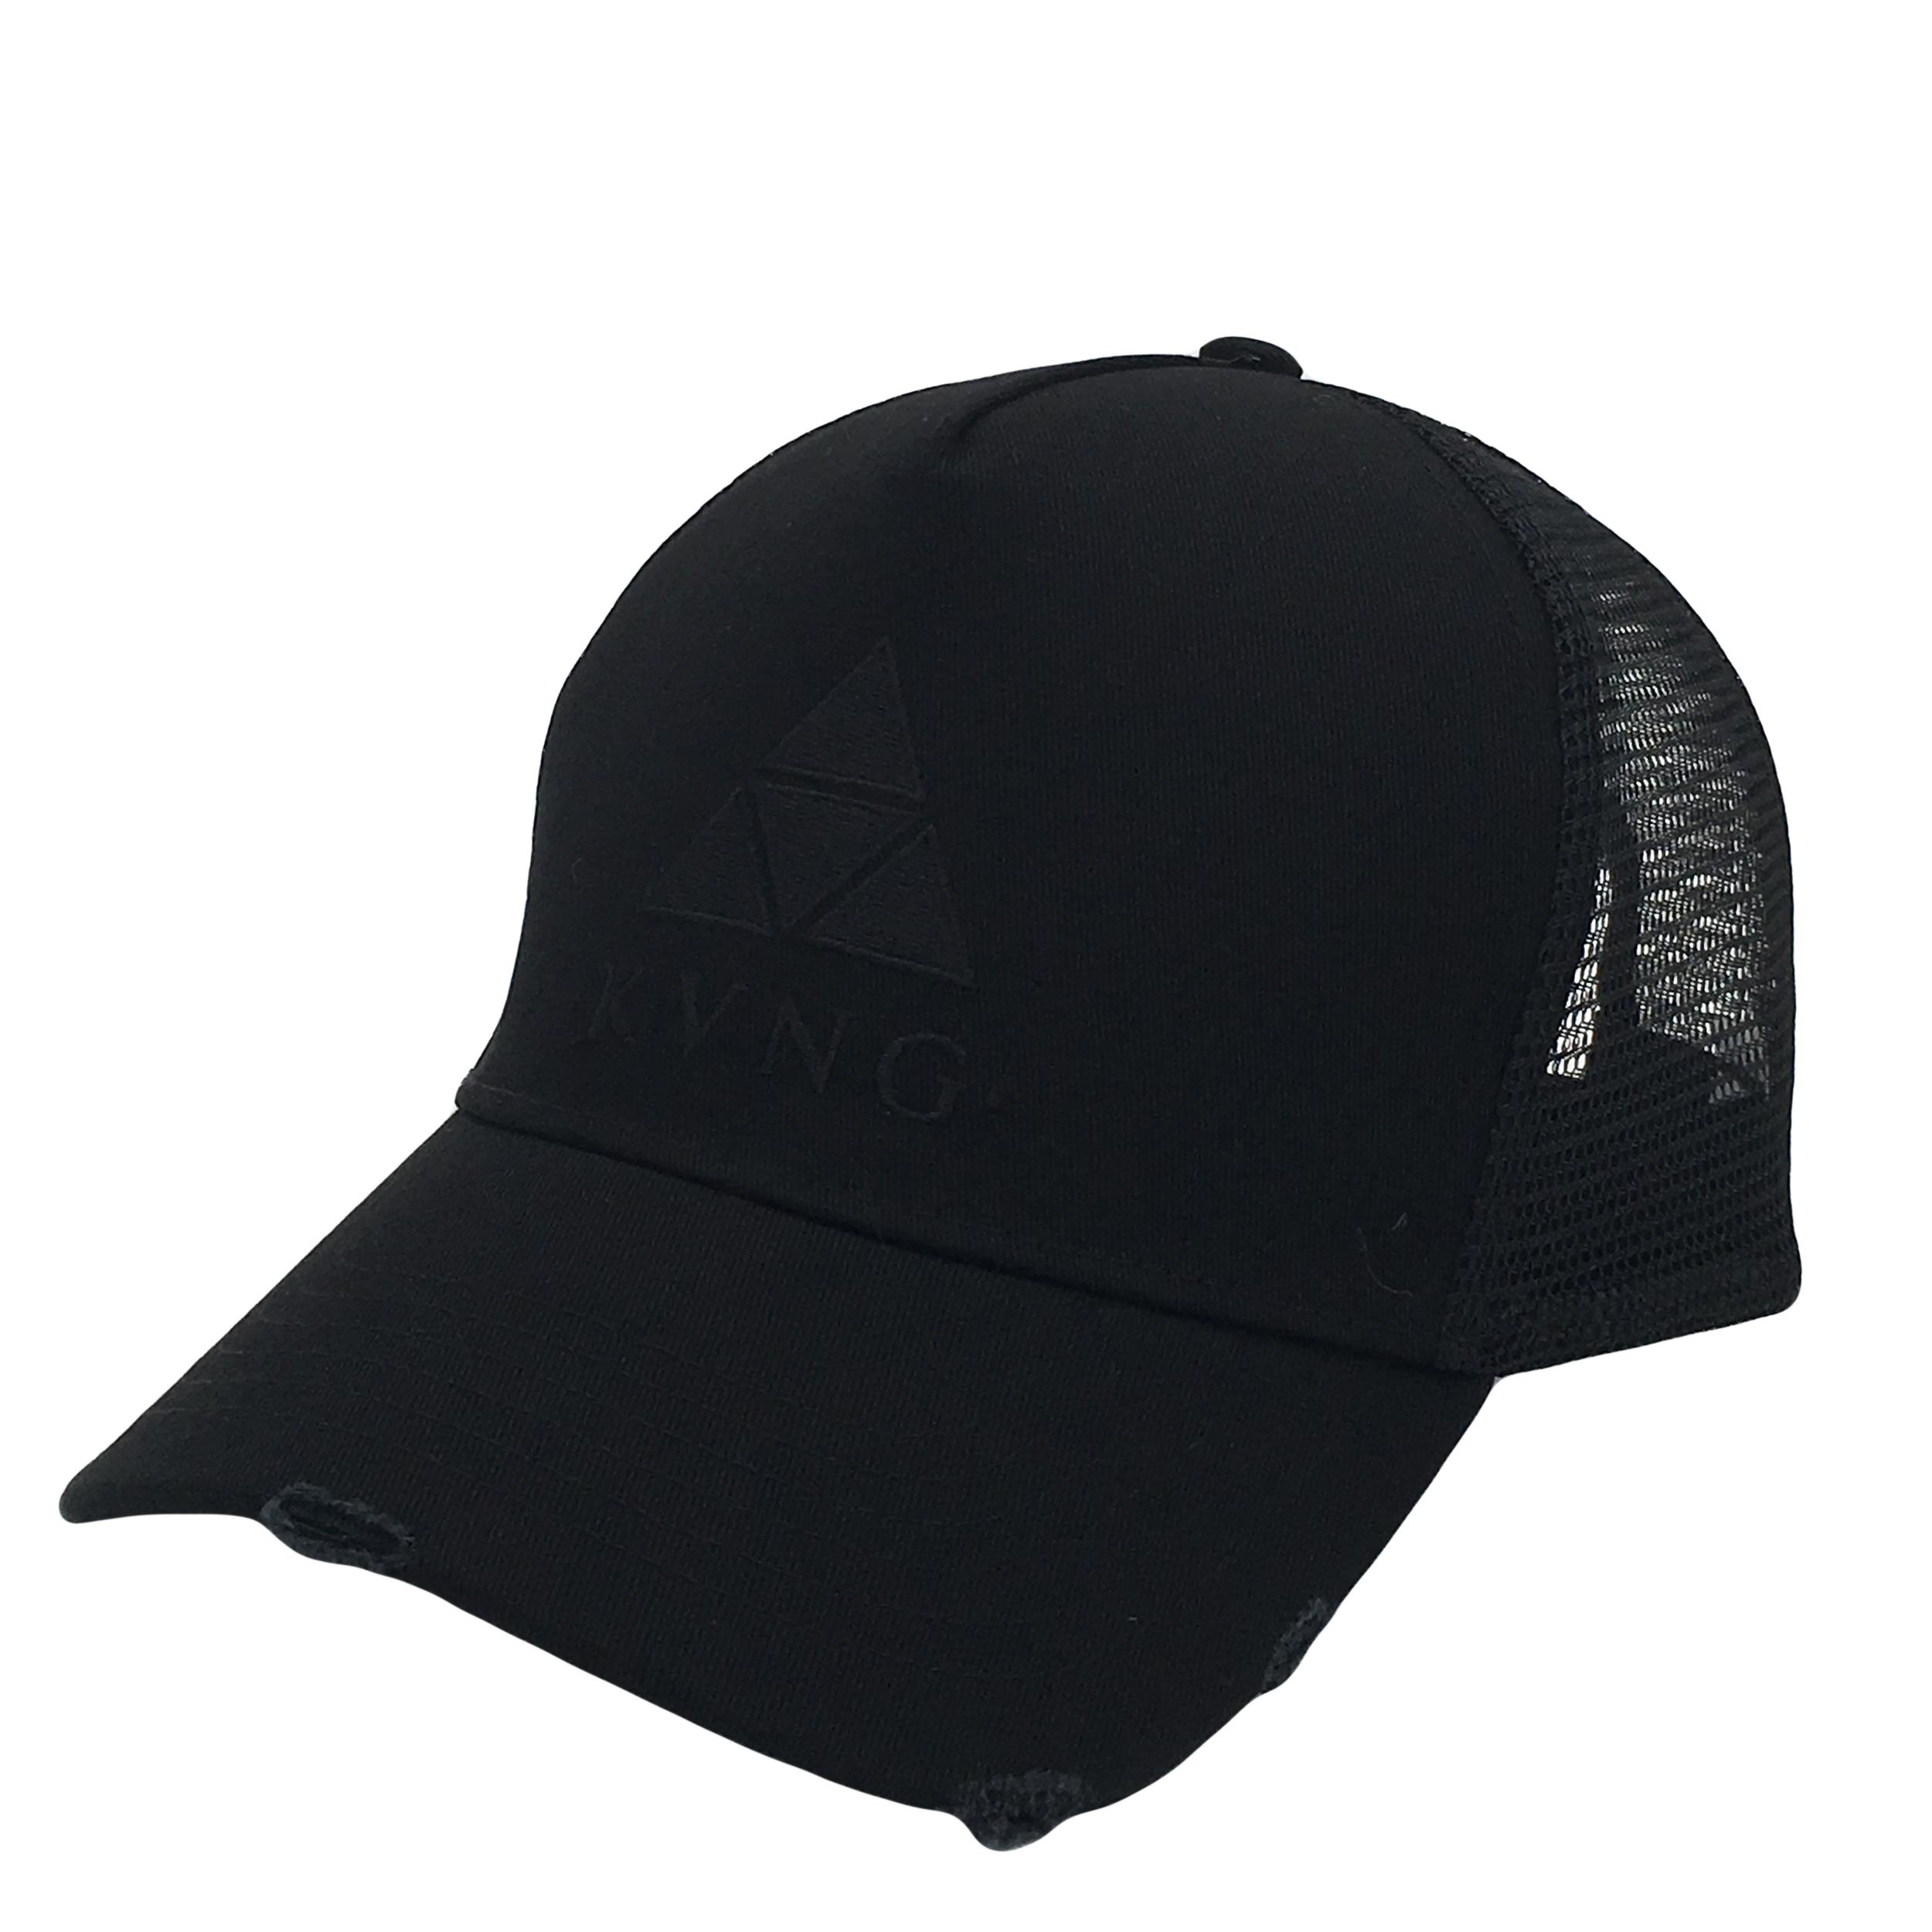 Premium Brand Washed 5 Panel Trucker Hat